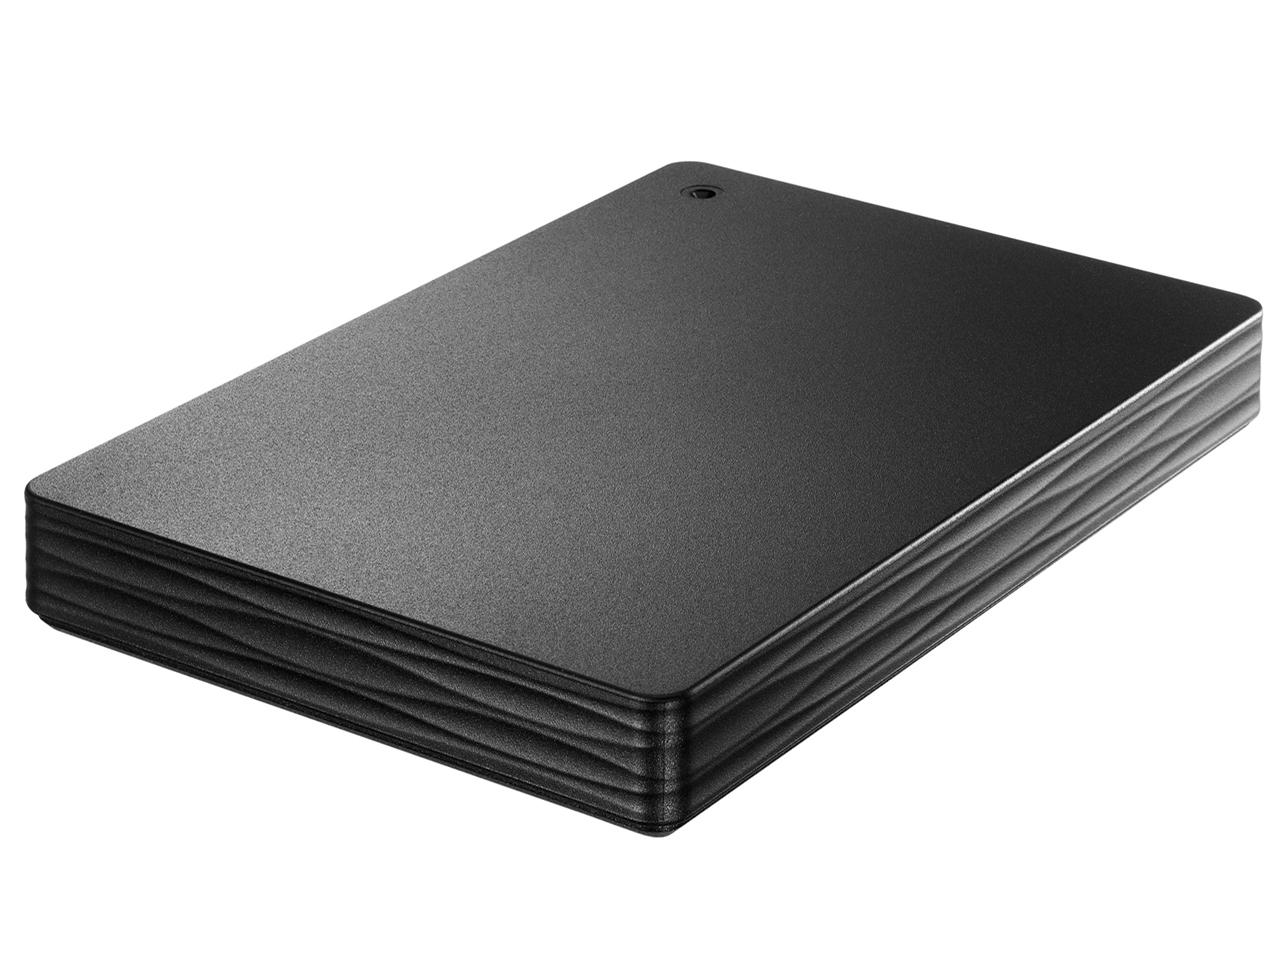 HDPH-UT1KR [ブラック]